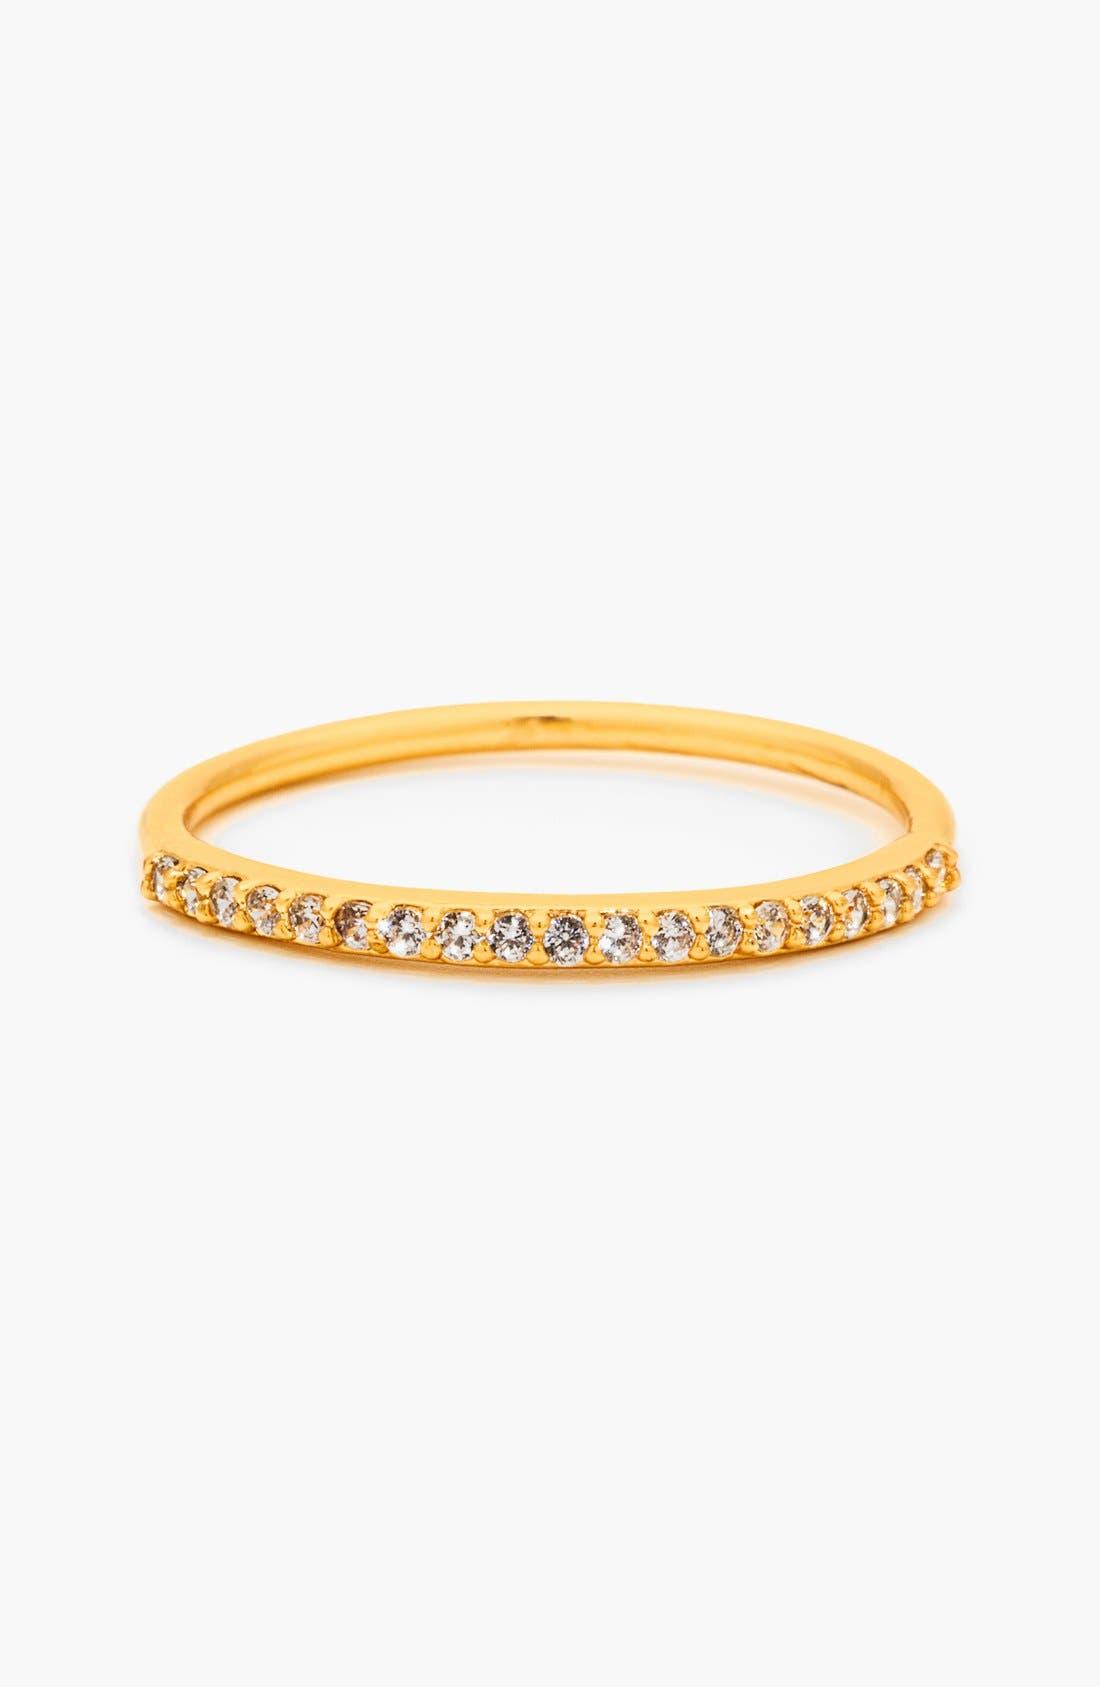 Alternate Image 1 Selected - gorjana 'Shimmer Bar' Midi Ring